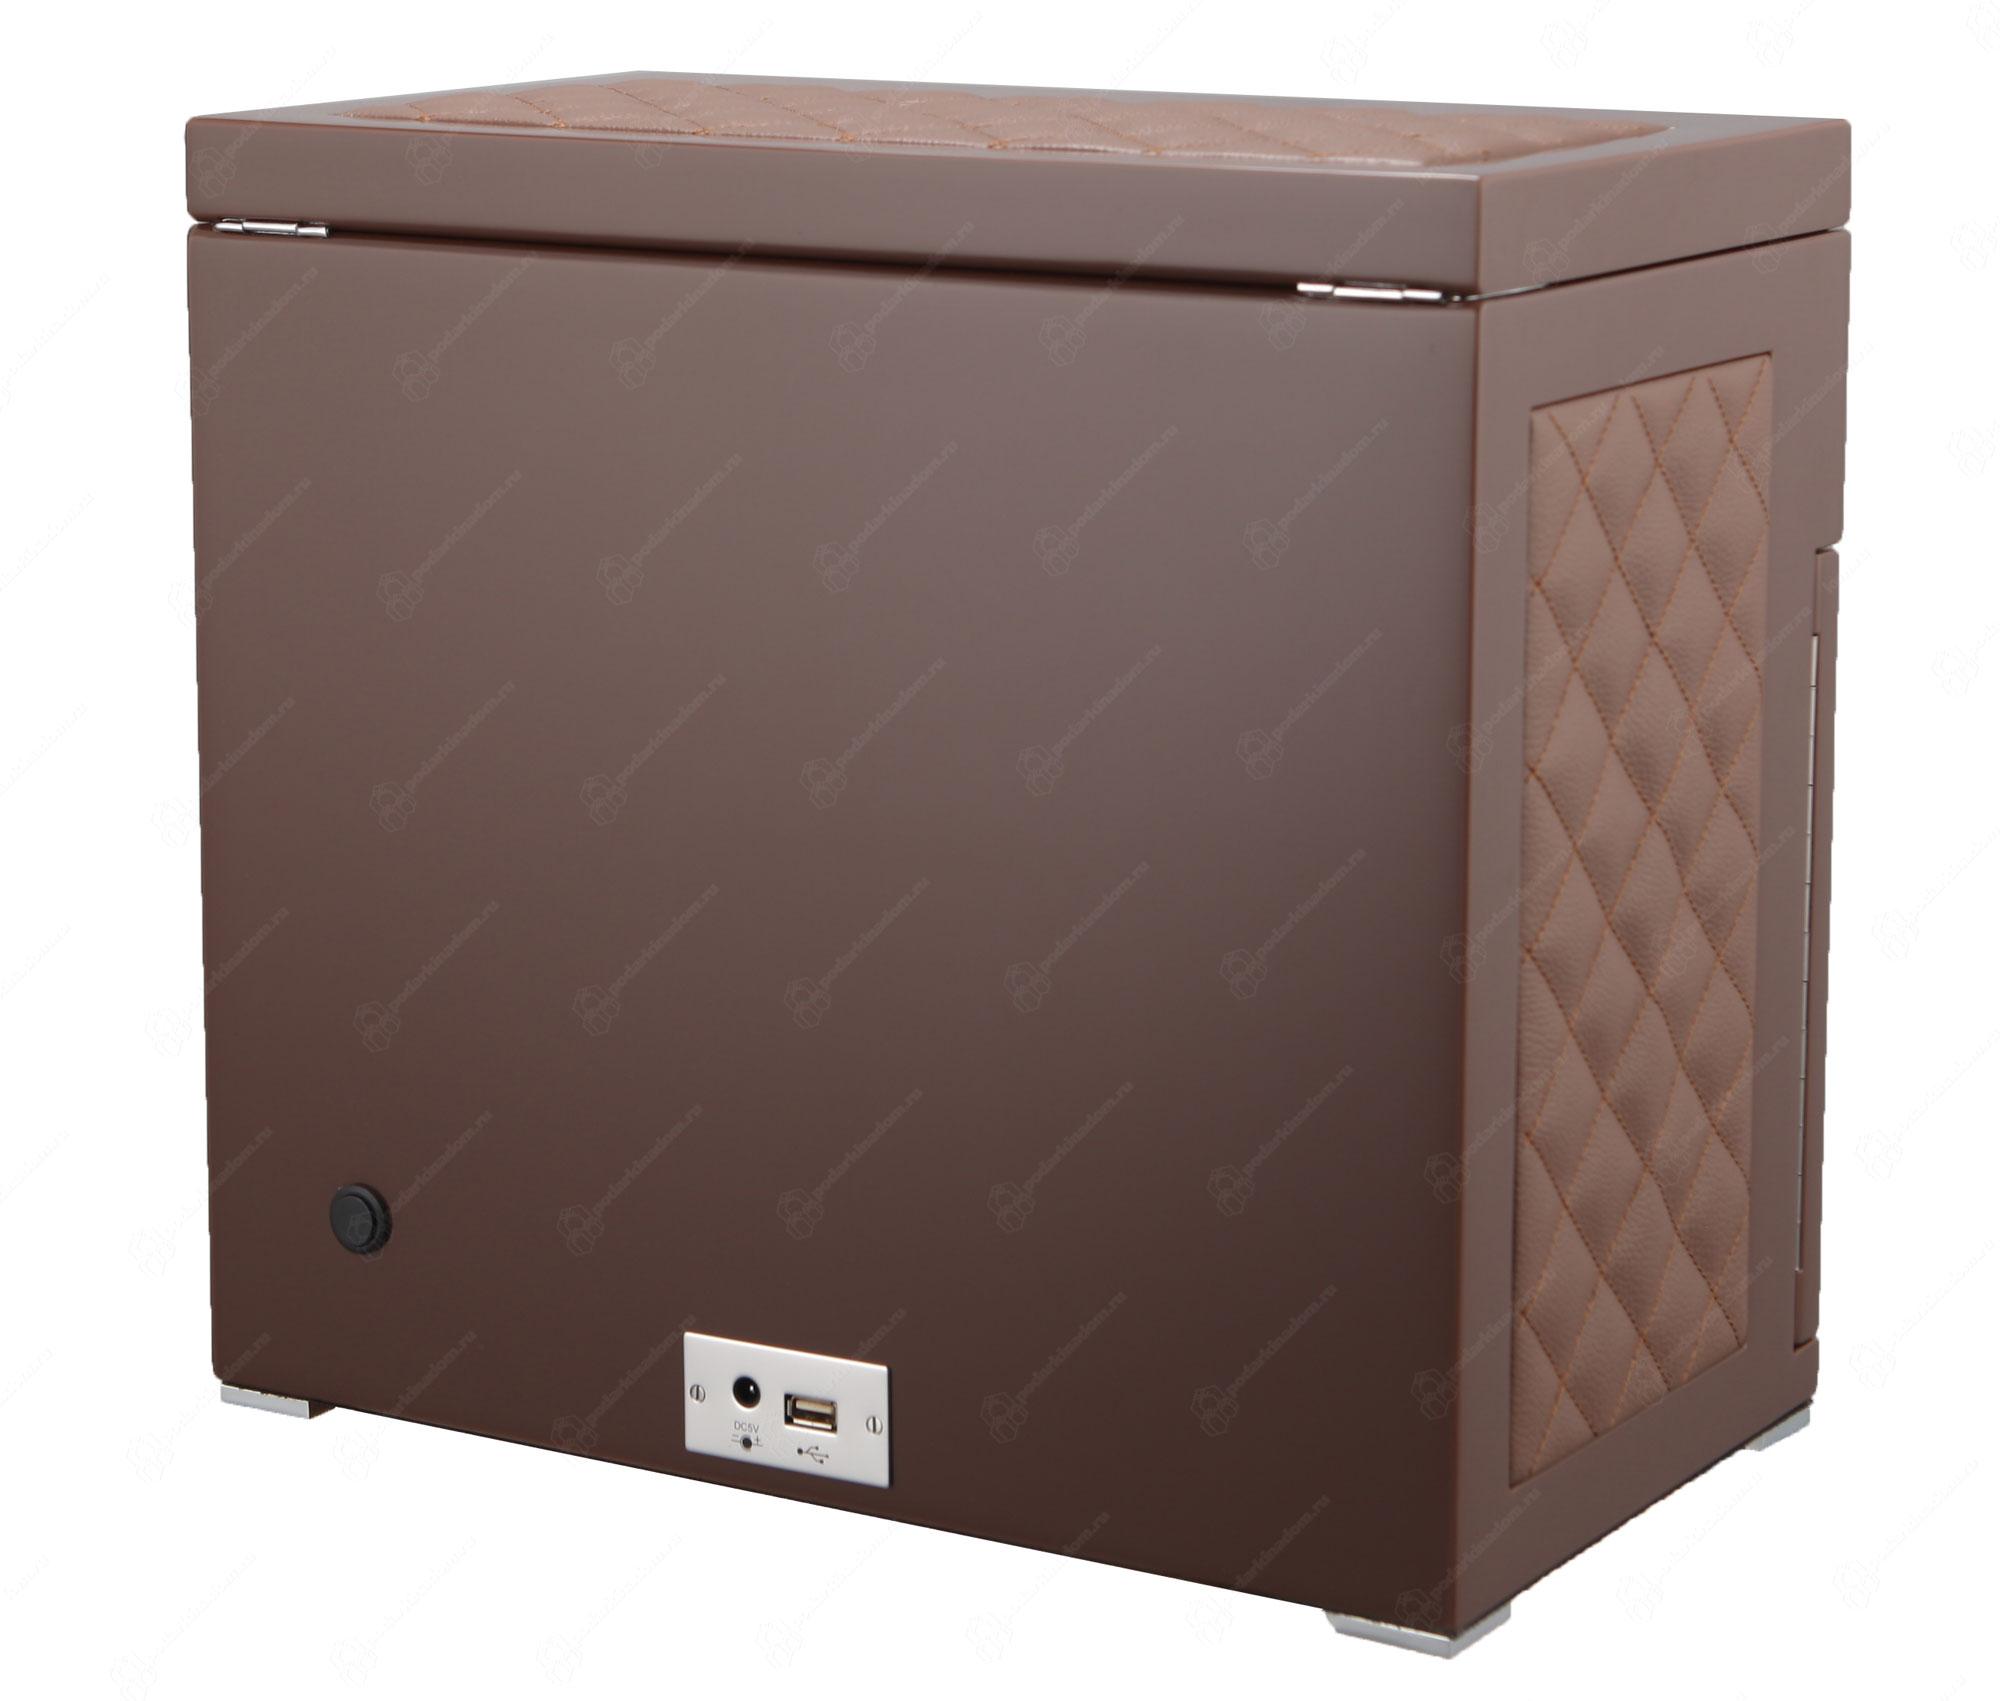 BS6 Brown Limited Edition Шкатулка для завода наручных часов. Лимитированная серия 250 шт. Отделка Глянцевый рояльный лак и кожа. Для 6 часов + 5 хранение. Сенсорное управление. Подсветка.